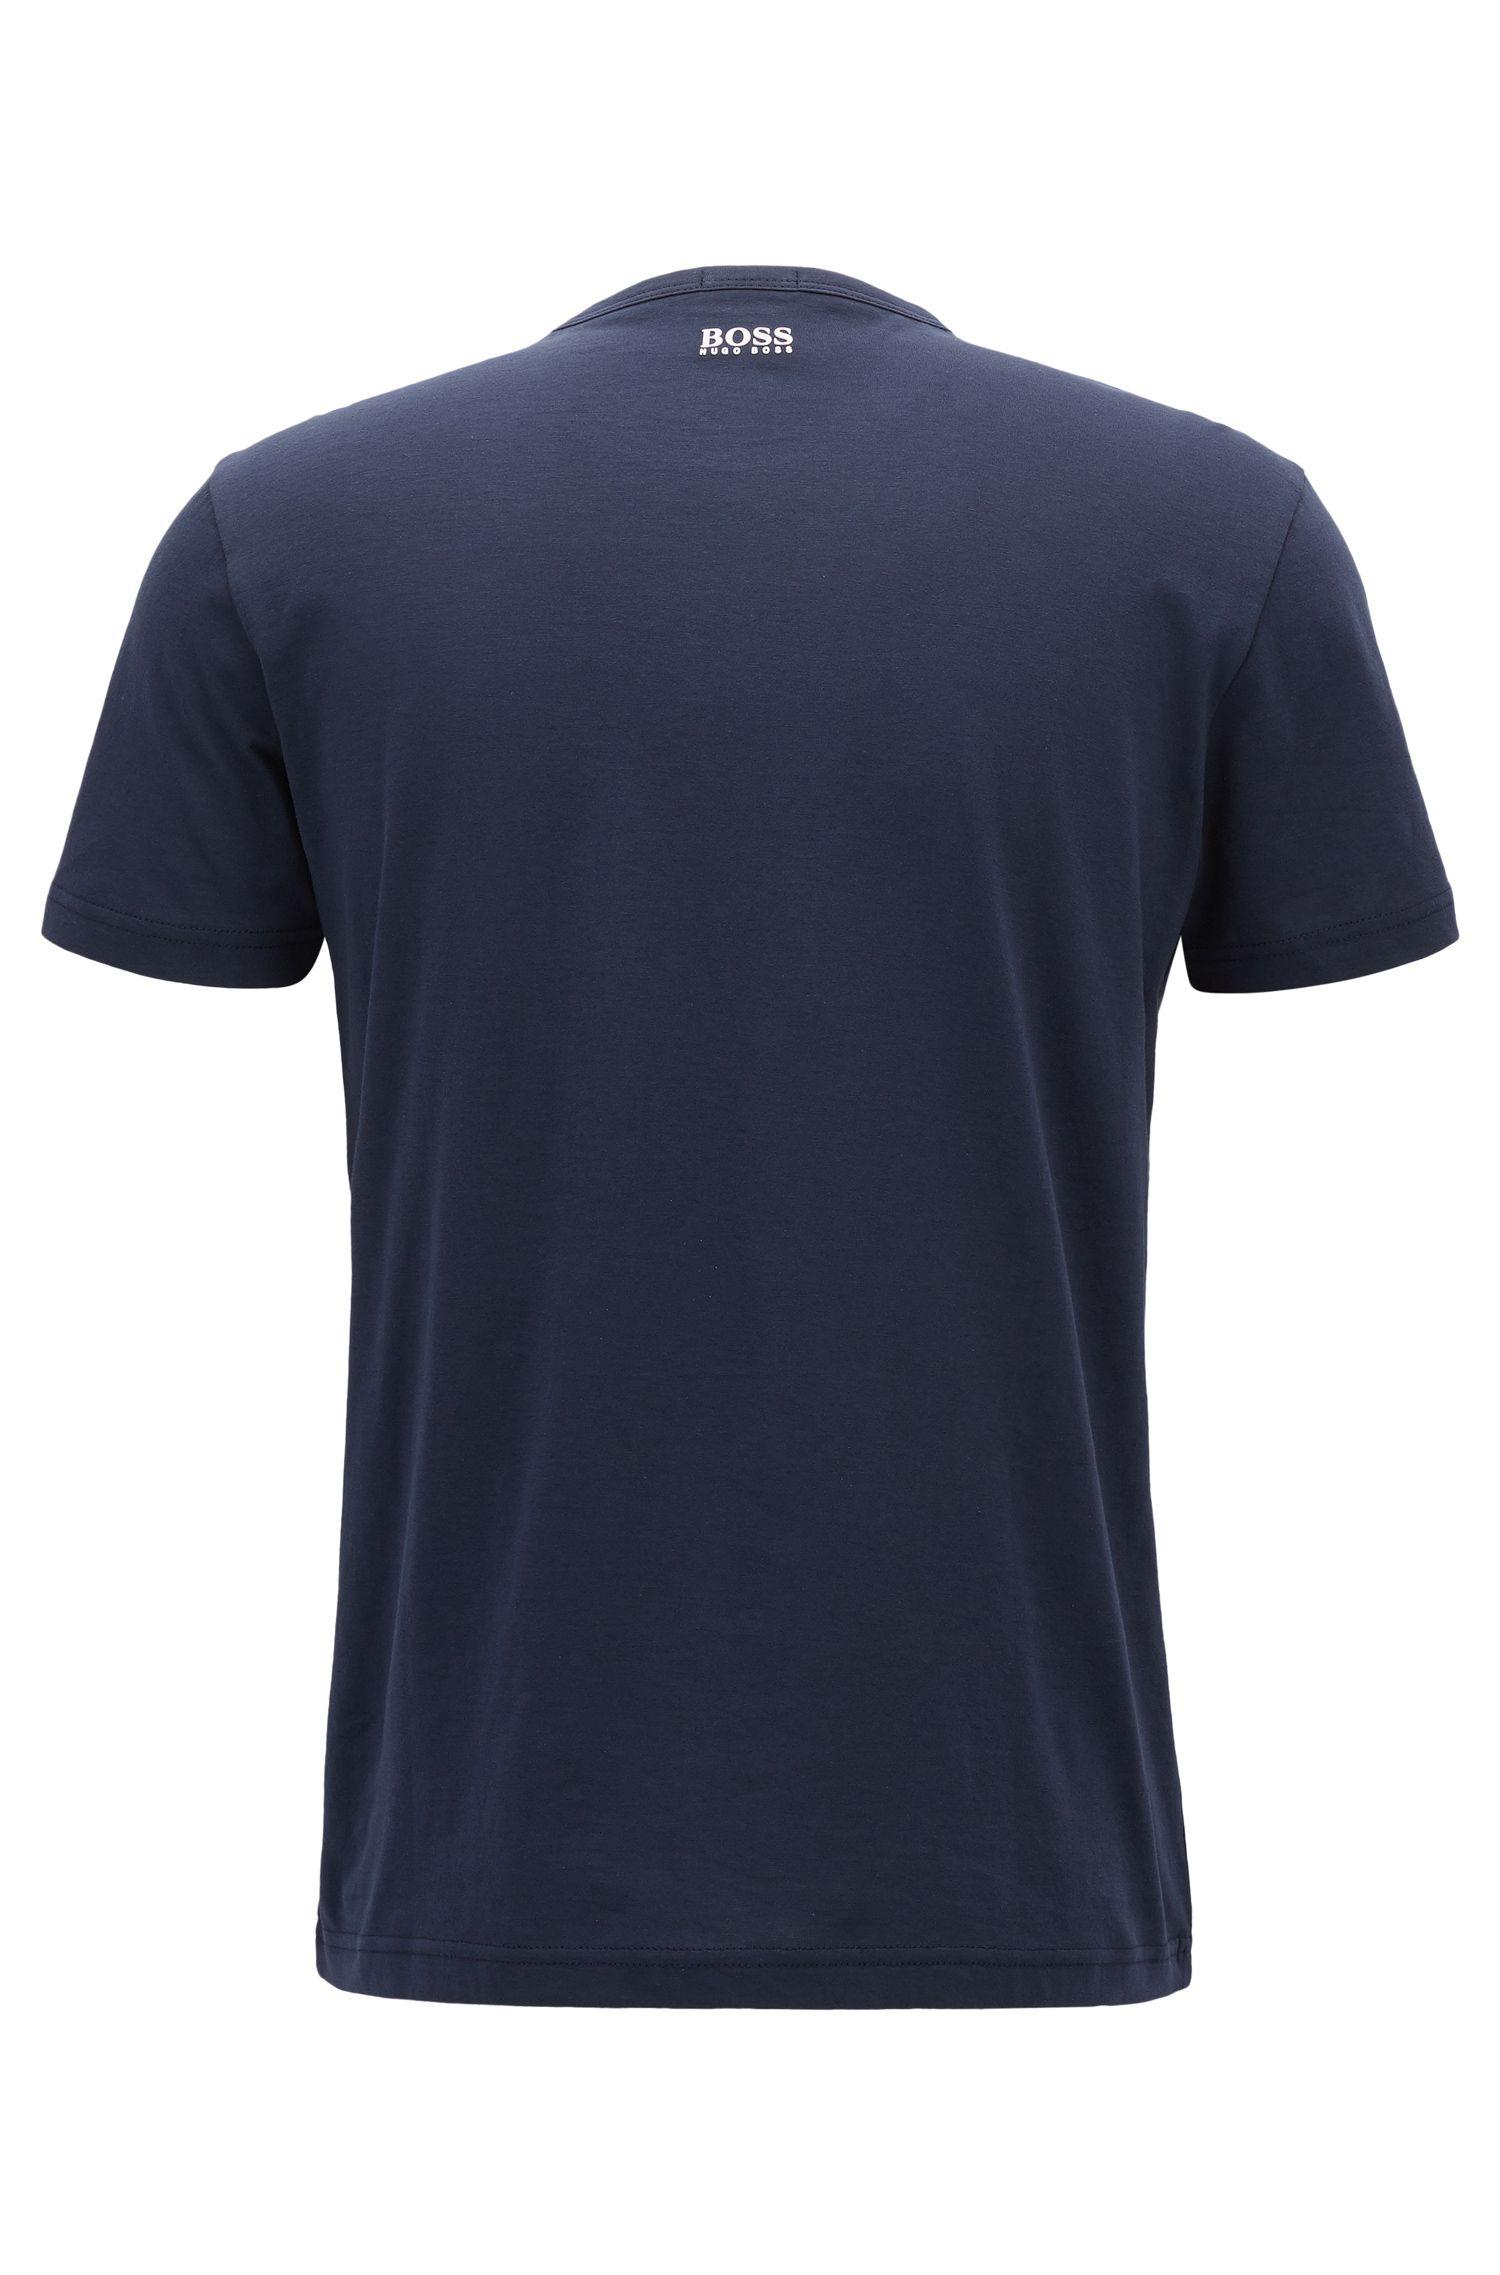 Regular-Fit T-Shirt aus softerBaumwolle mit 3D-Logo